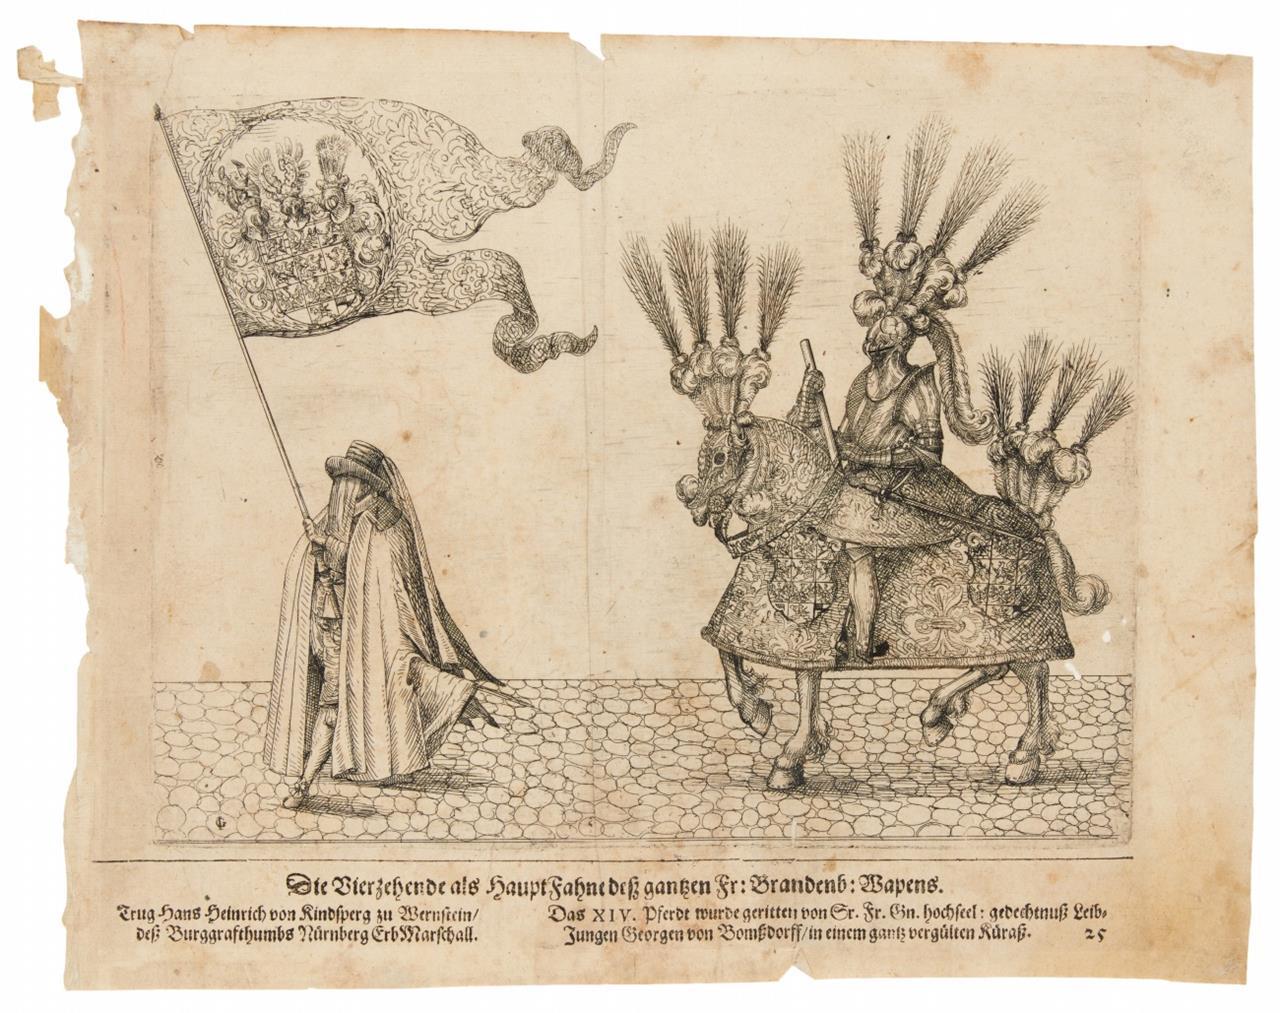 Leichenzug Georg Friedrich I., Markgr. v. Brandenbg.-Ansbach. 2 Bll. Kupferstich. 1603.